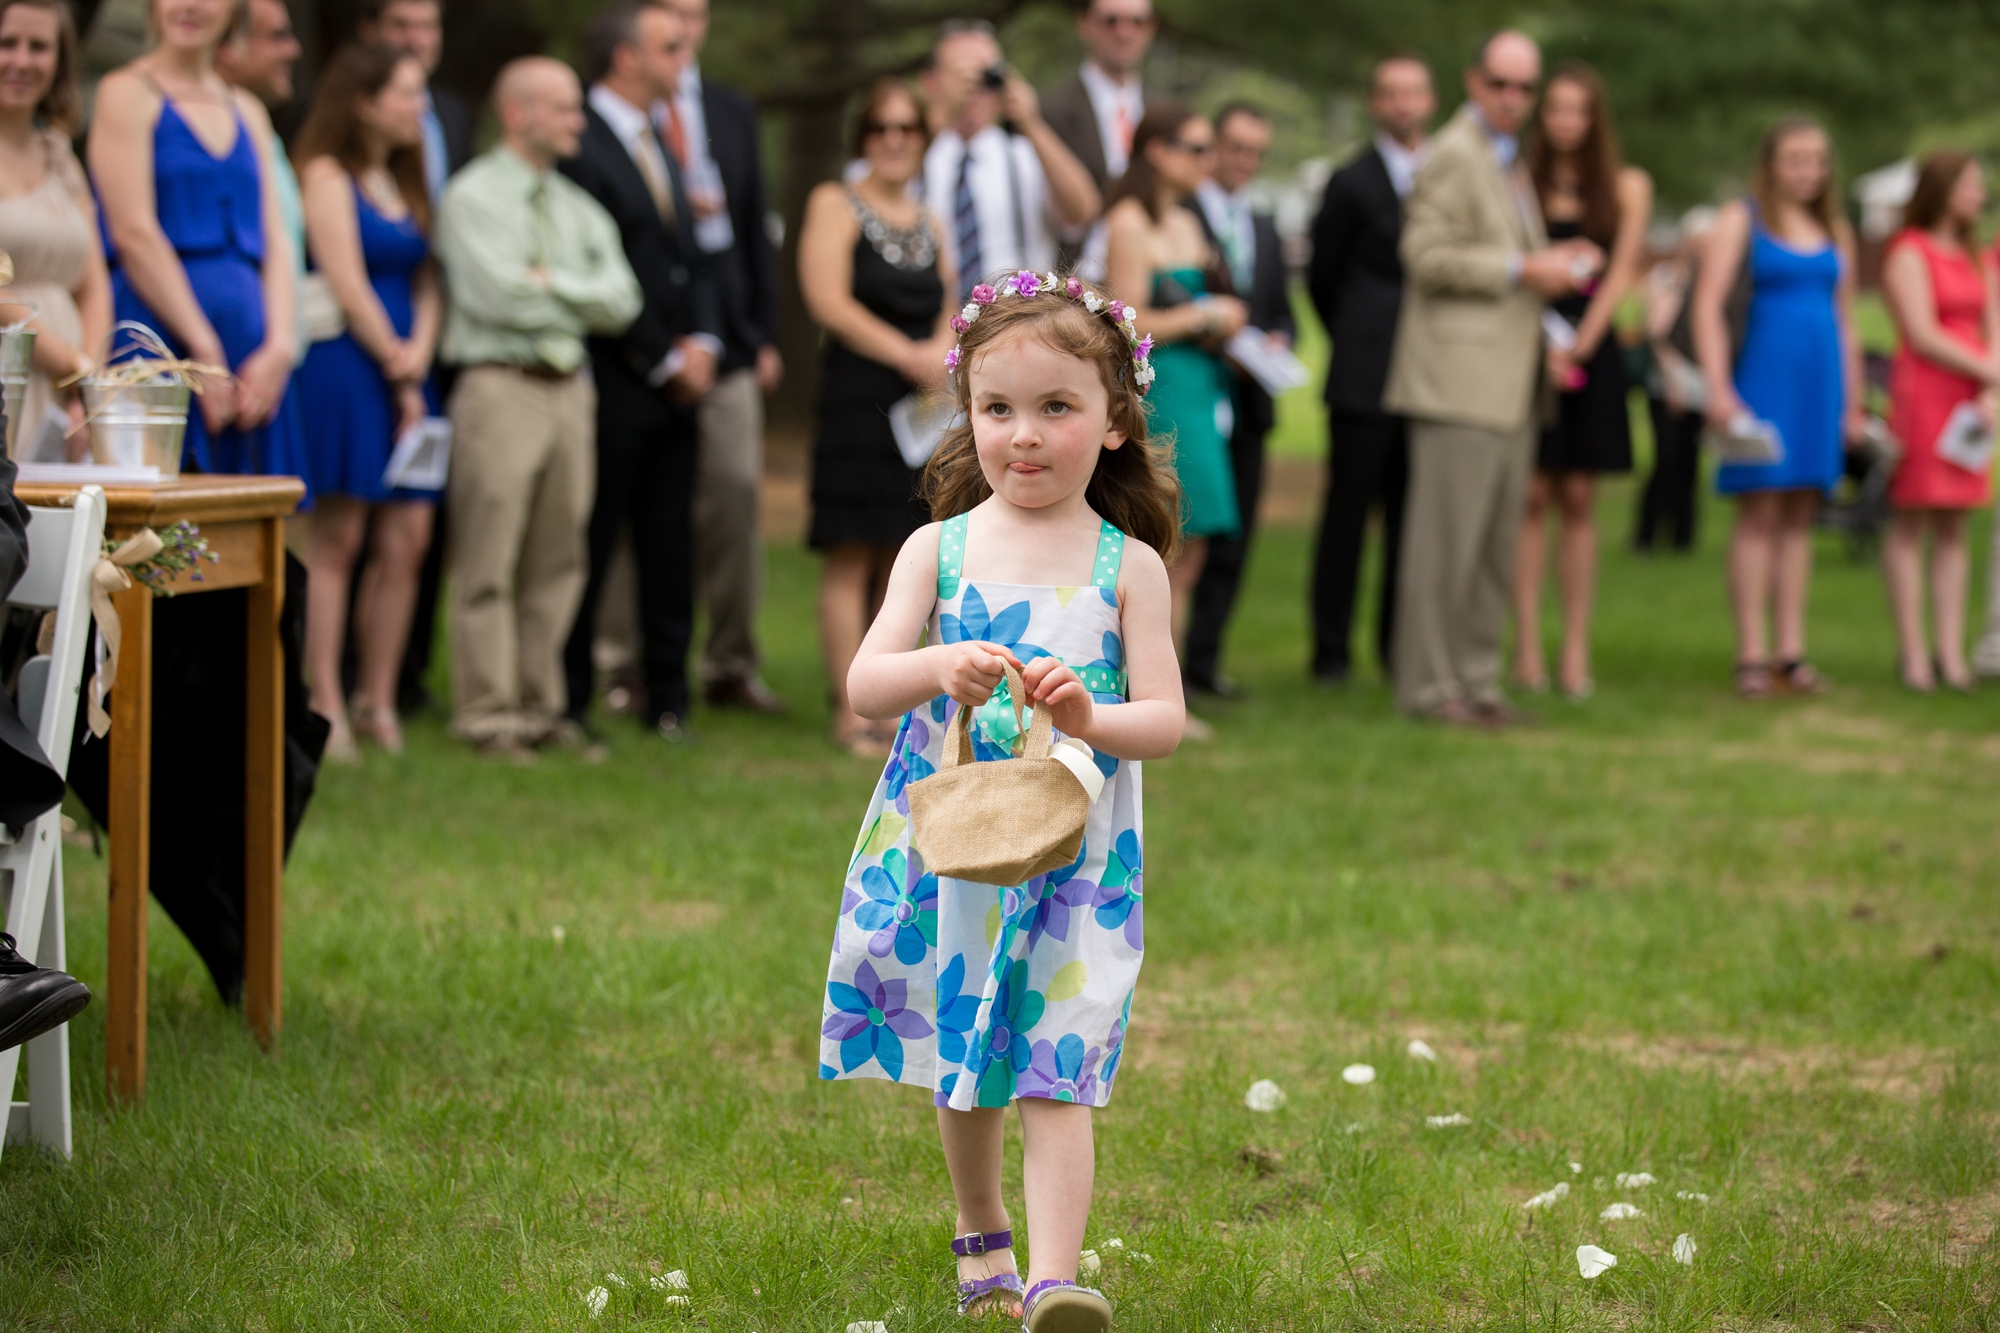 Albany NY Wedding Photographer Justin Tibbitts Photography 2014 Best of Albany NY Weddings-47621261317